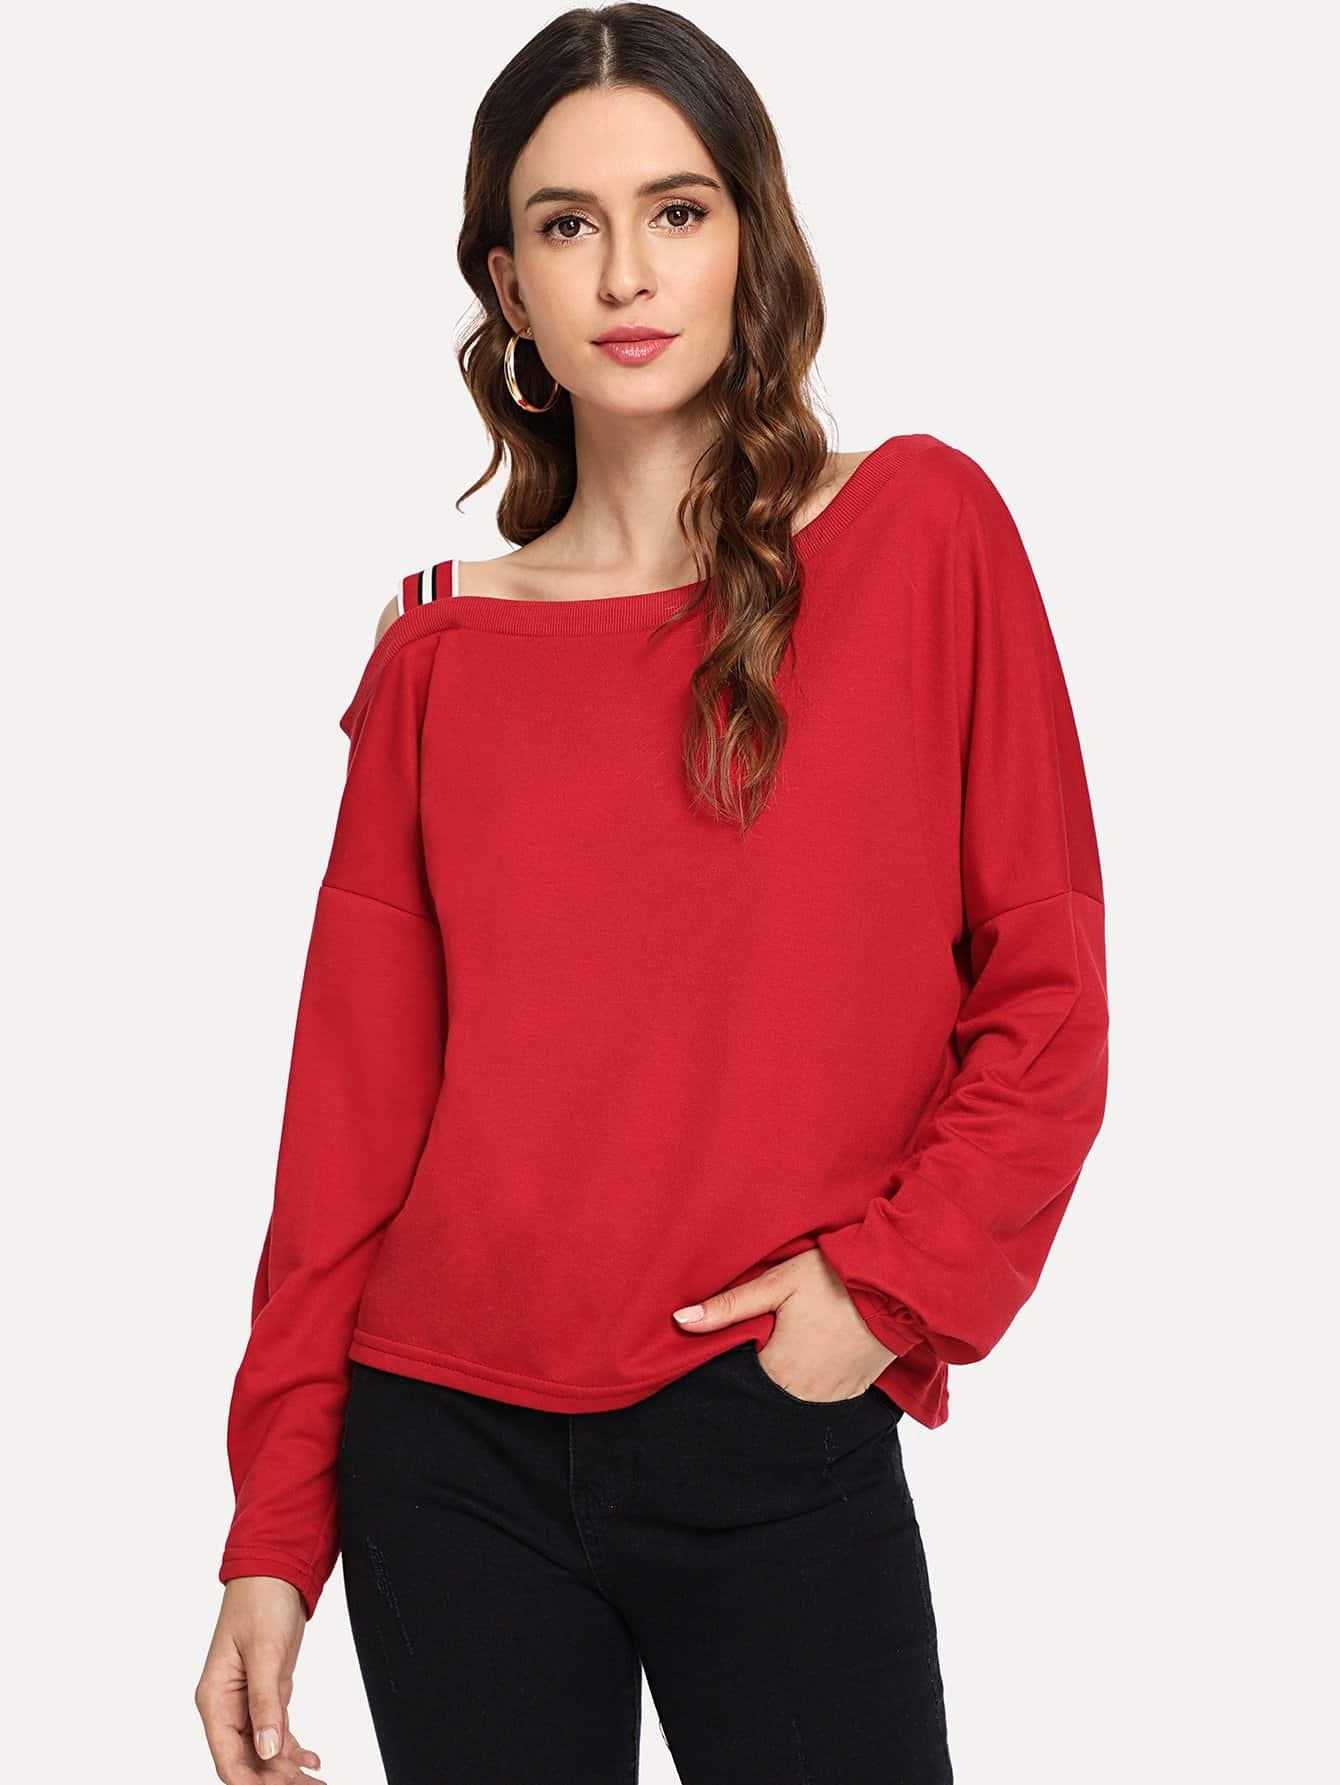 Купить Красный Открытые плечи Ровный цвет Повседневный Свитшоты, Jana, SheIn